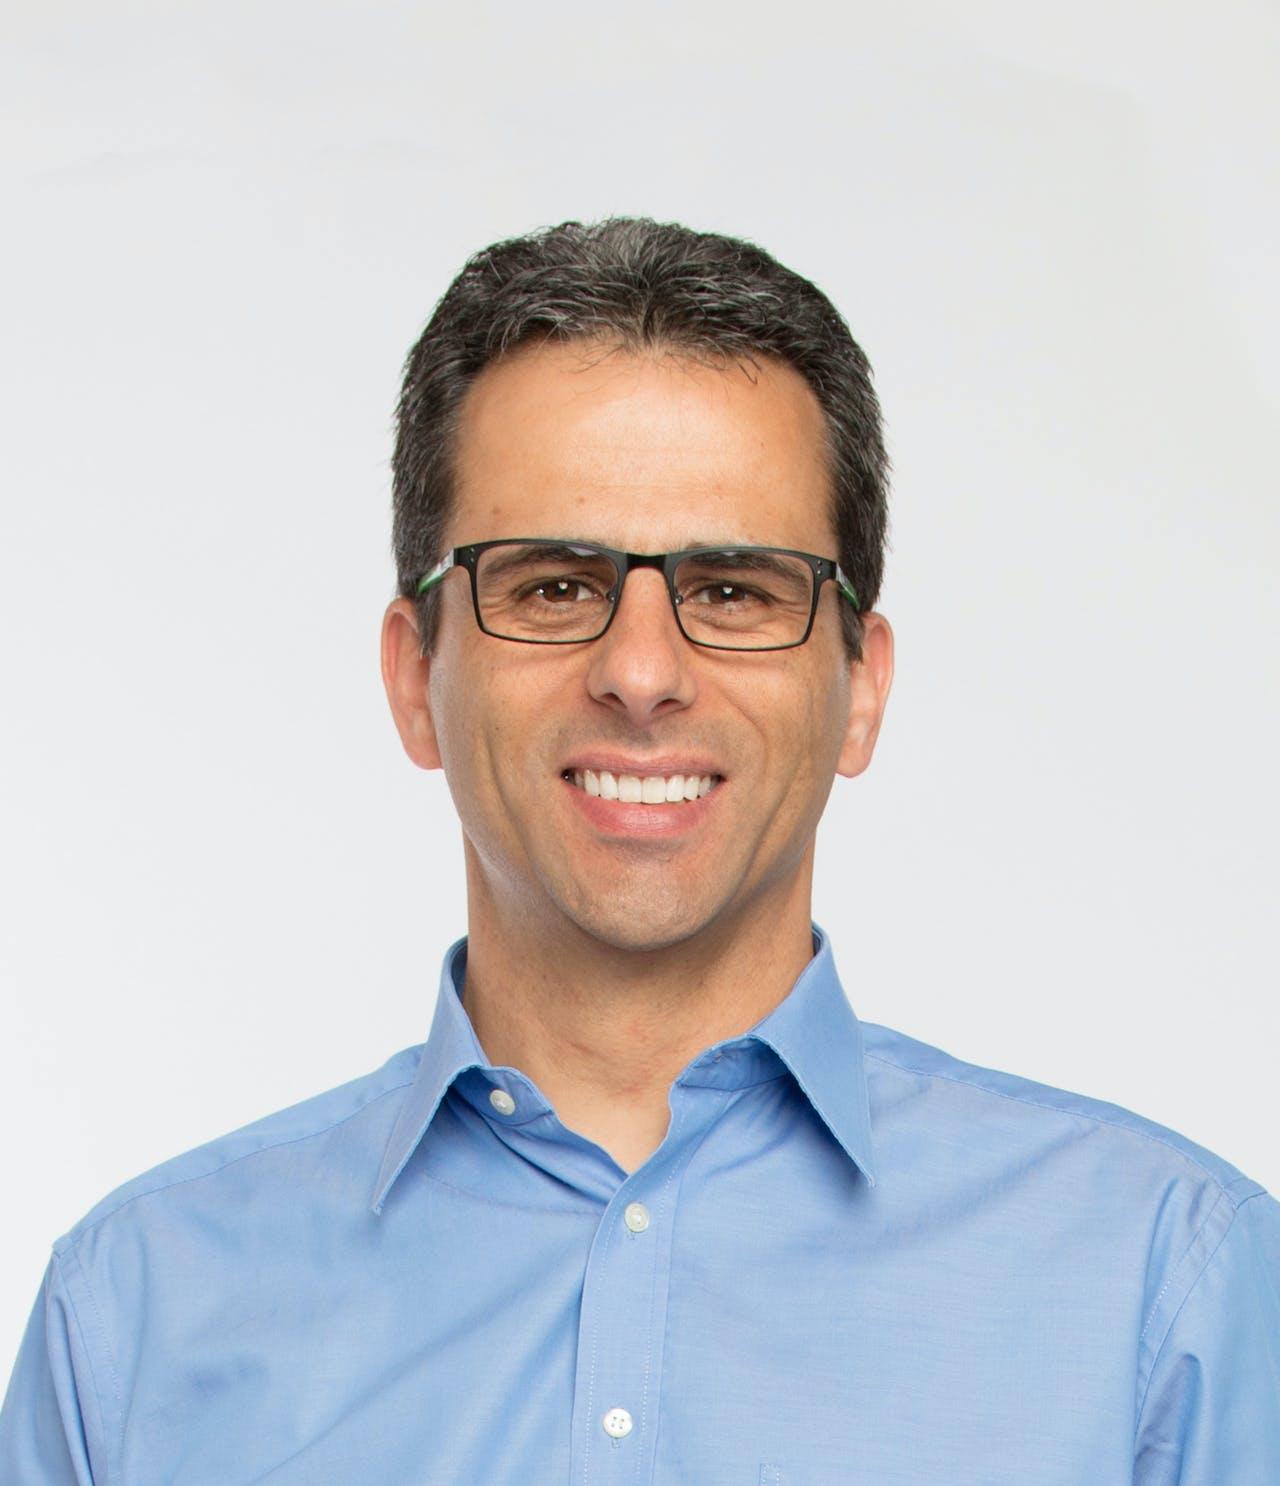 Richard Margadant, Geschäftsleiter Ratioform Verpackungen AG